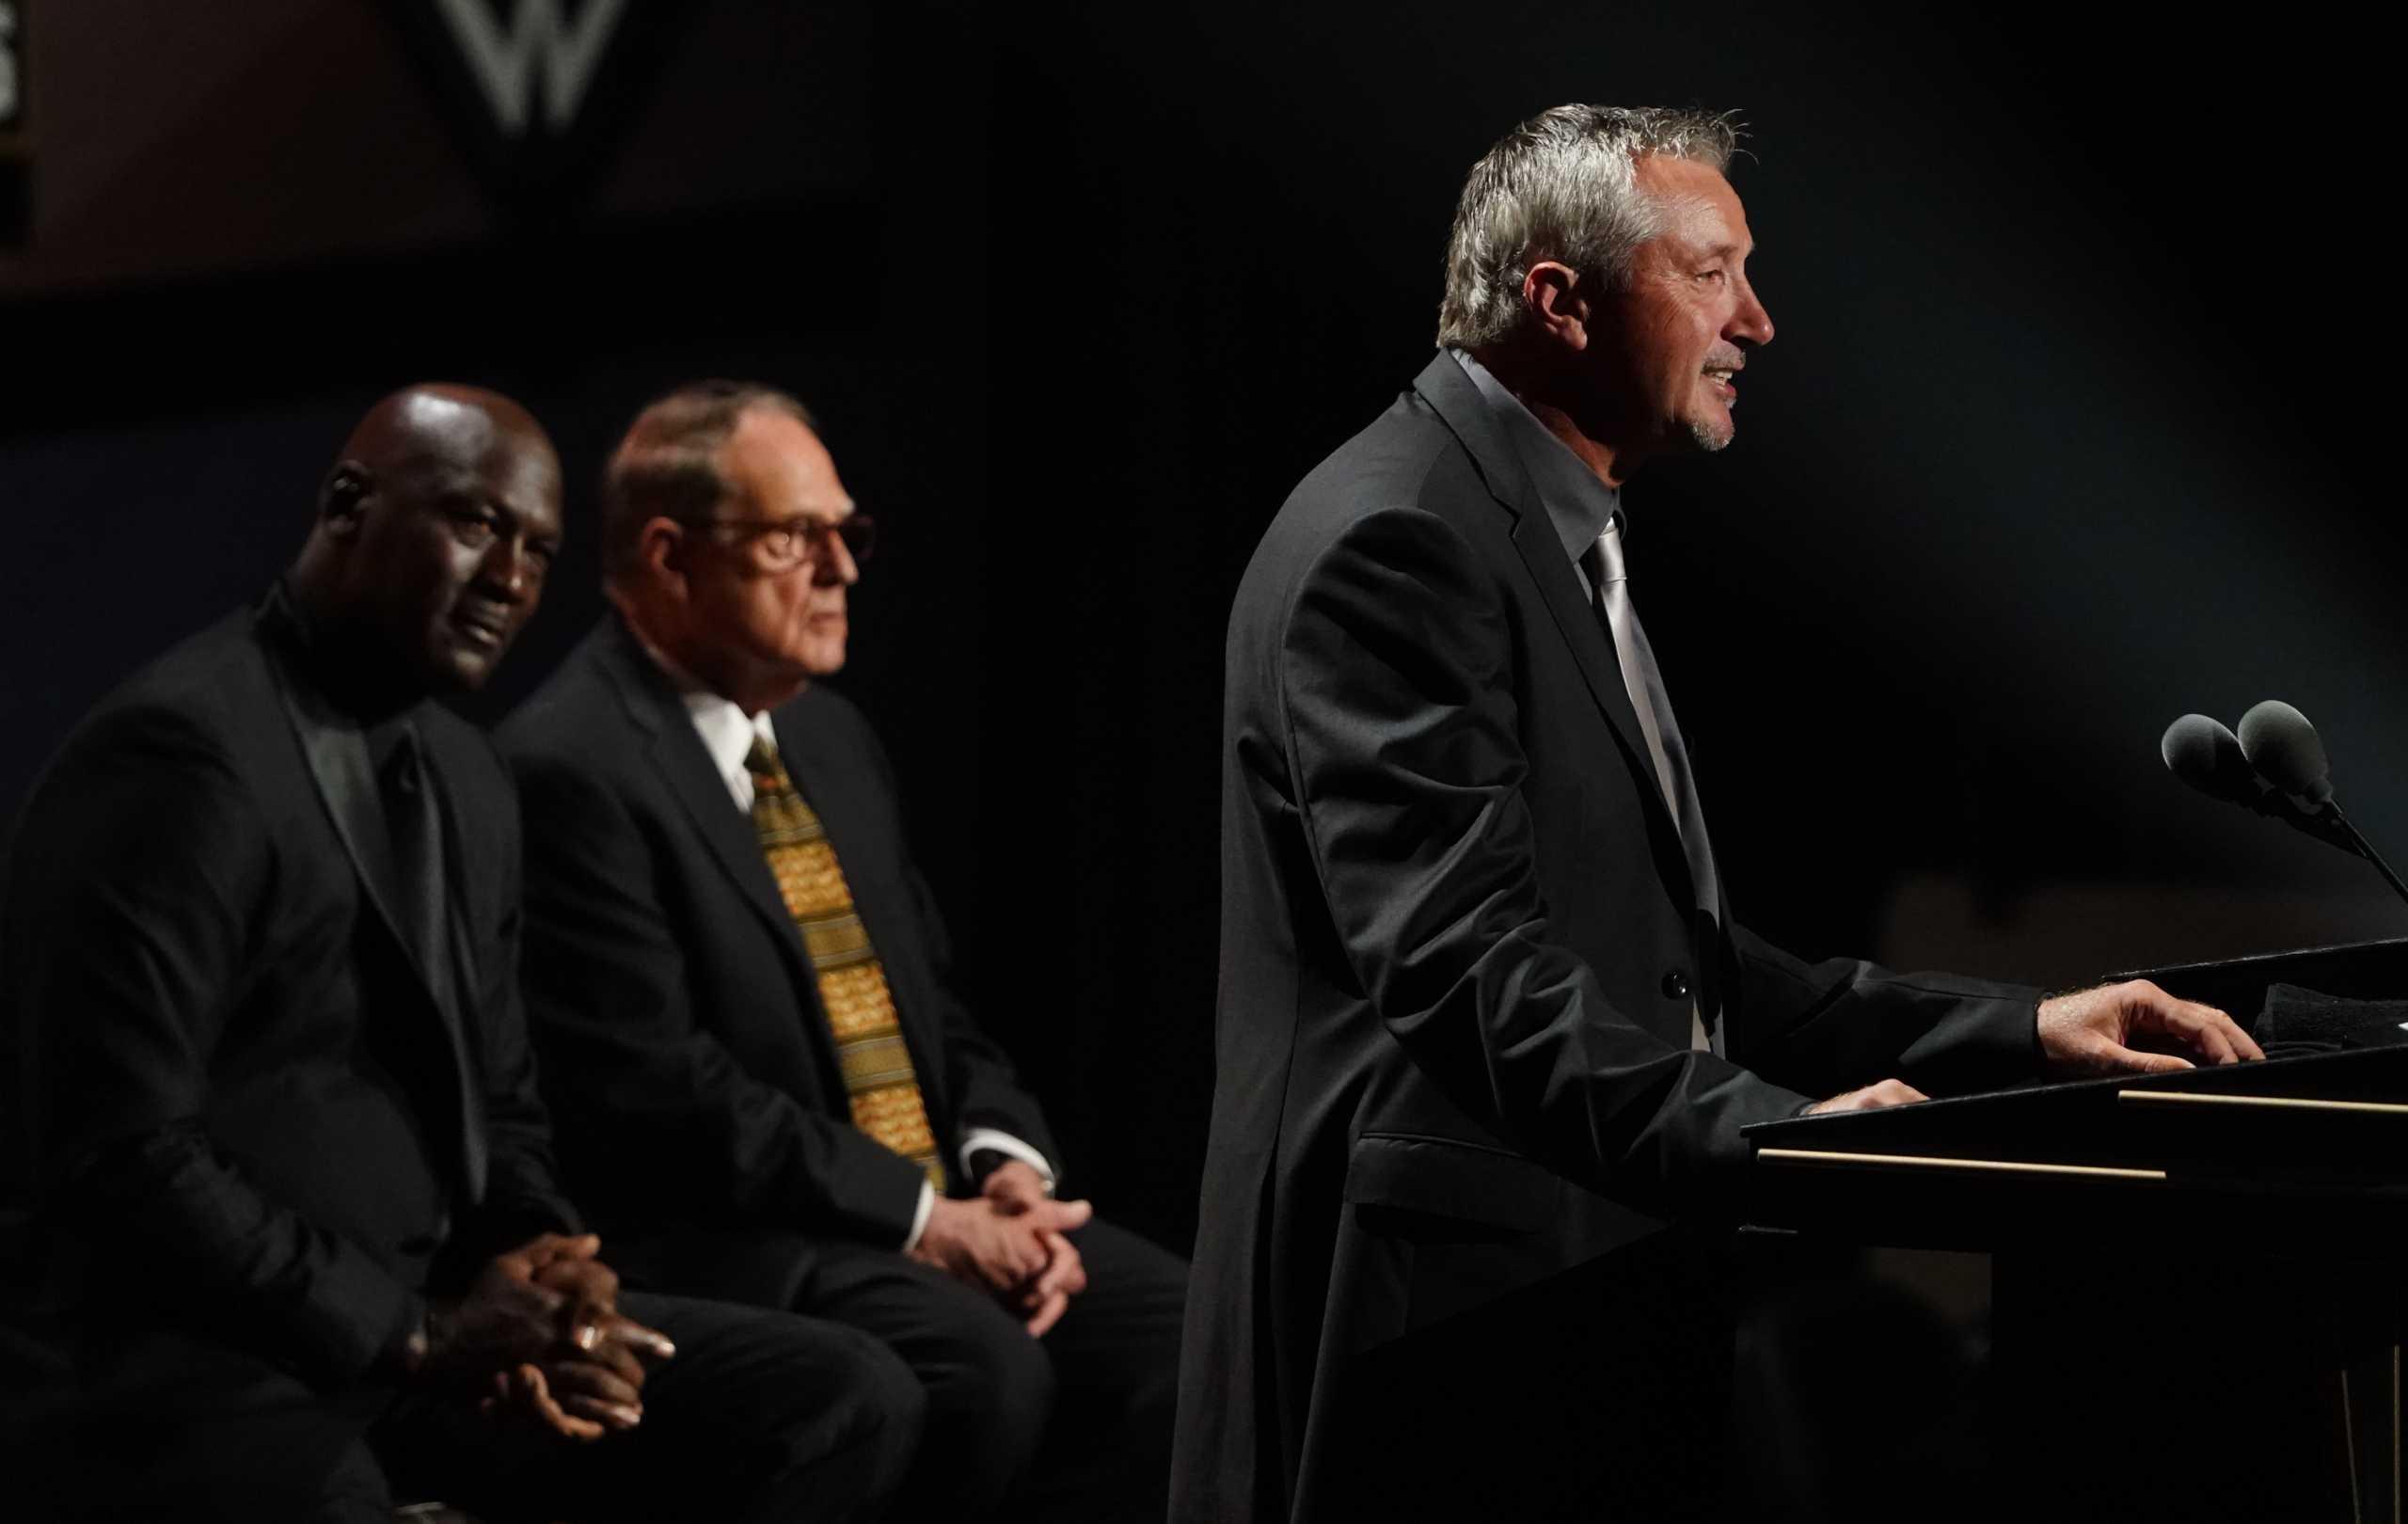 Στο Hall of Fame η κλάση του 2021 με Τόνι Κούκοτς, Πολ Πιρς και Μπιλ Ράσελ